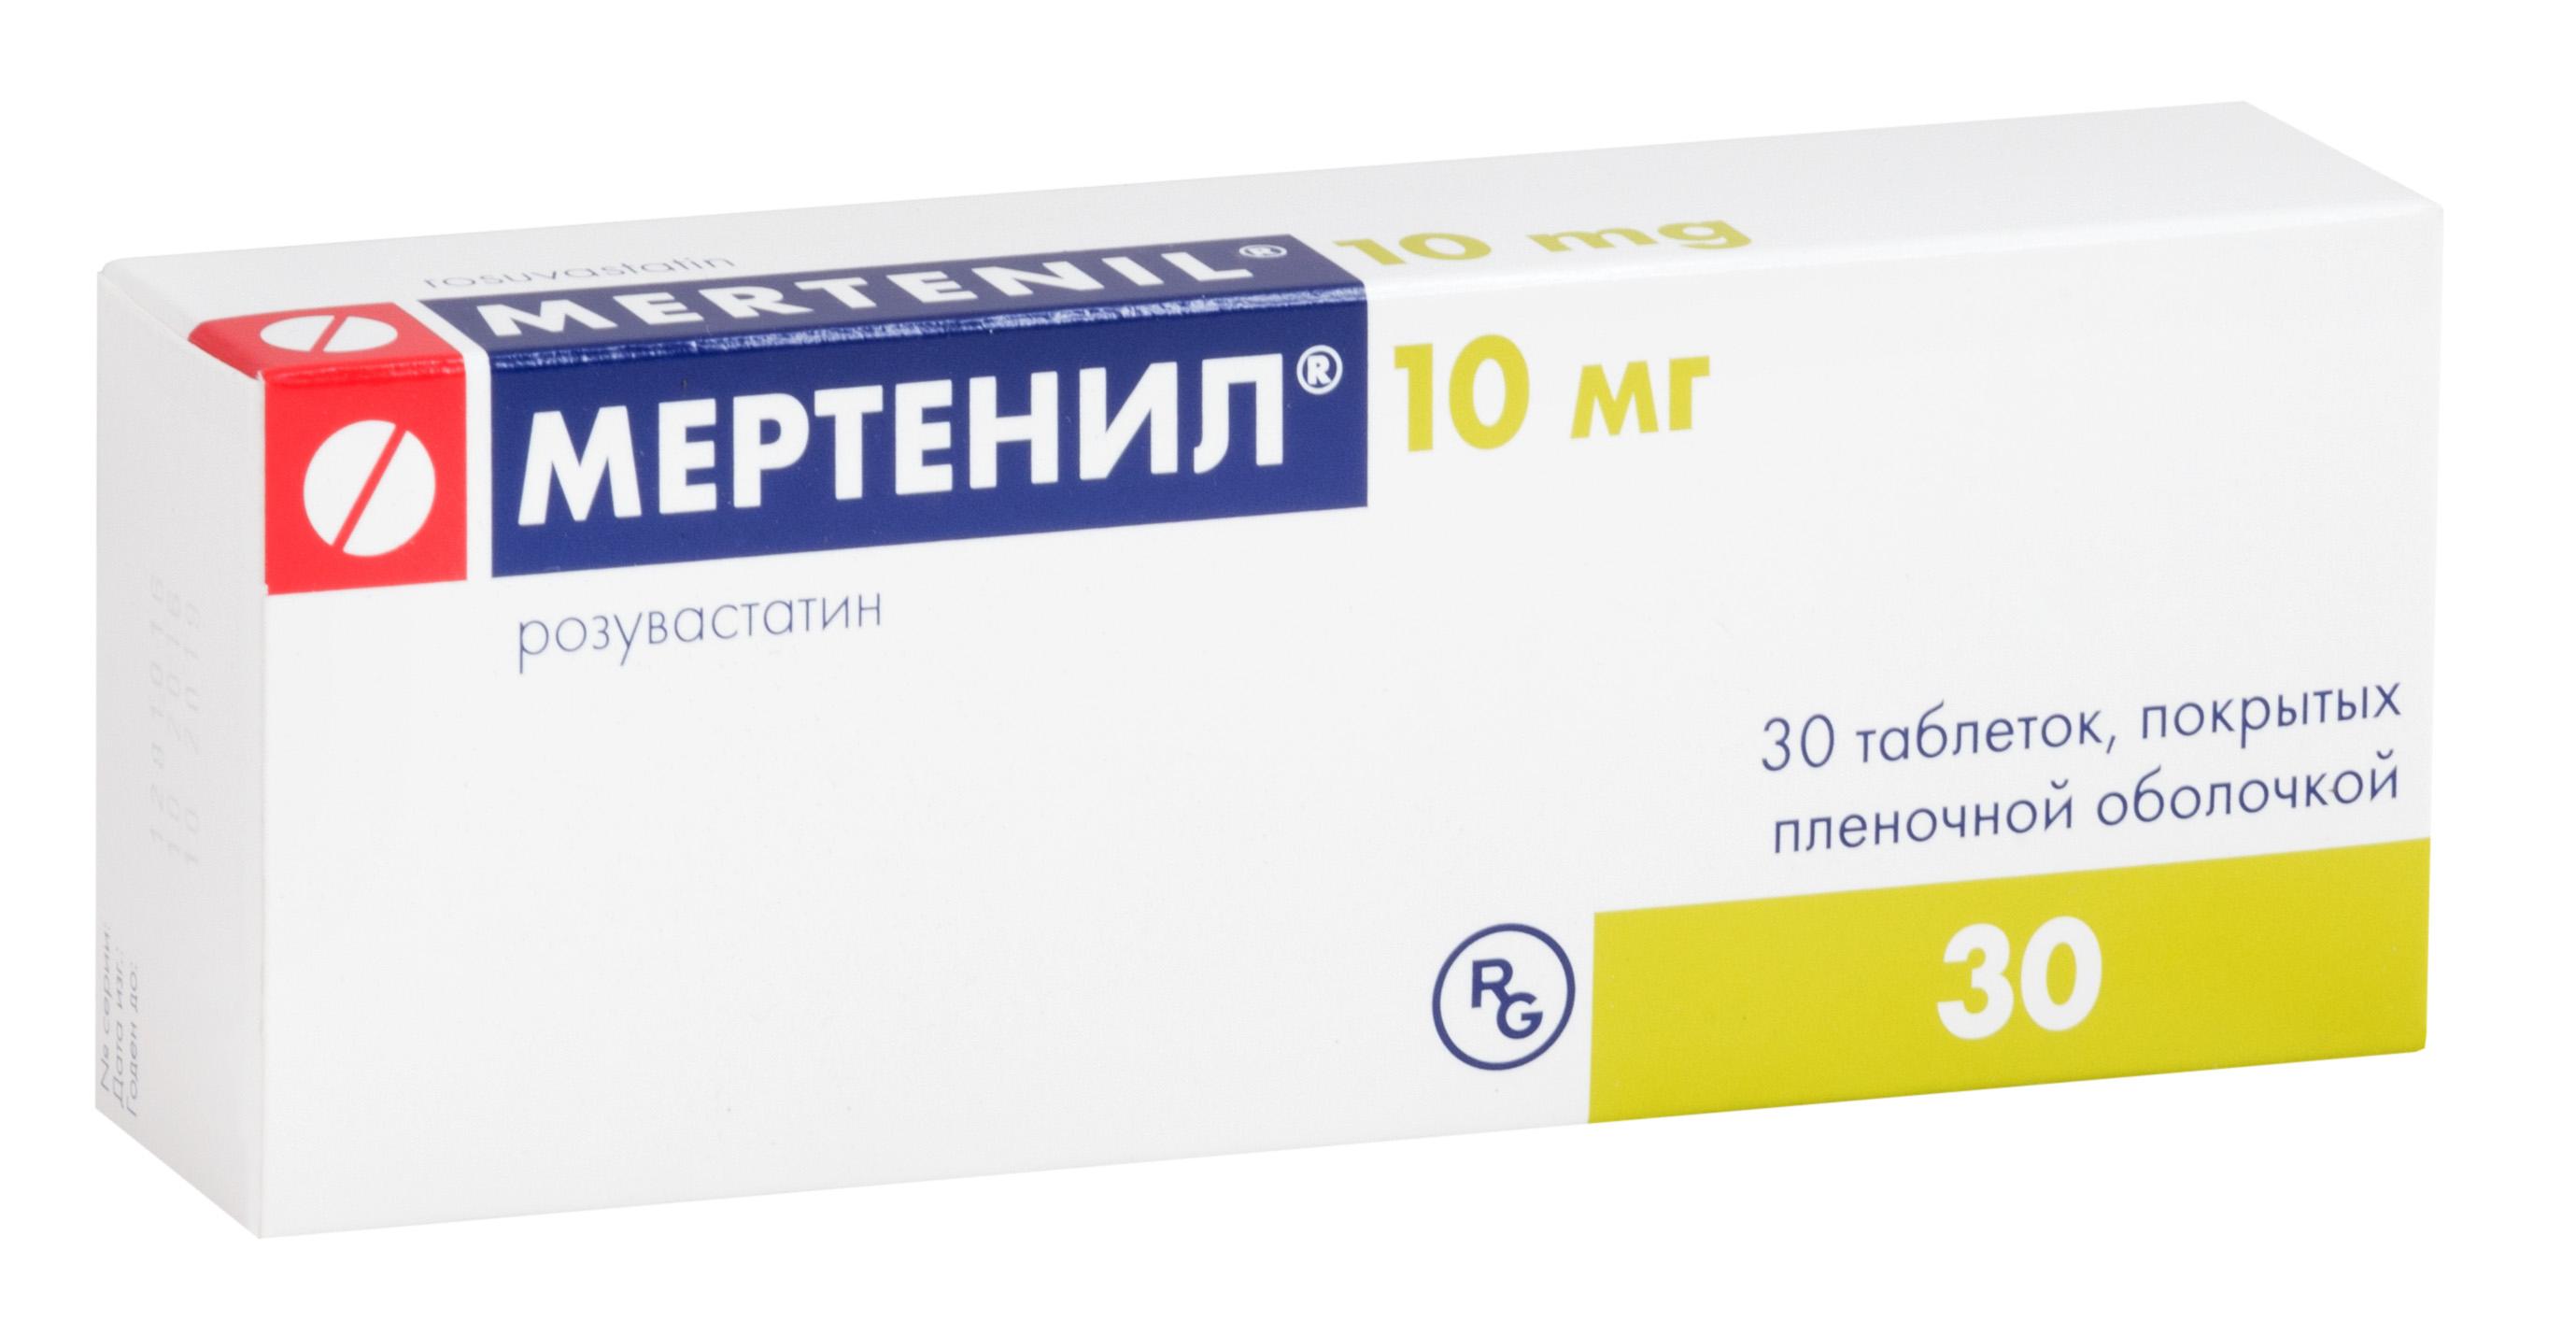 Мертенил таб. п.п.о. 10мг n30